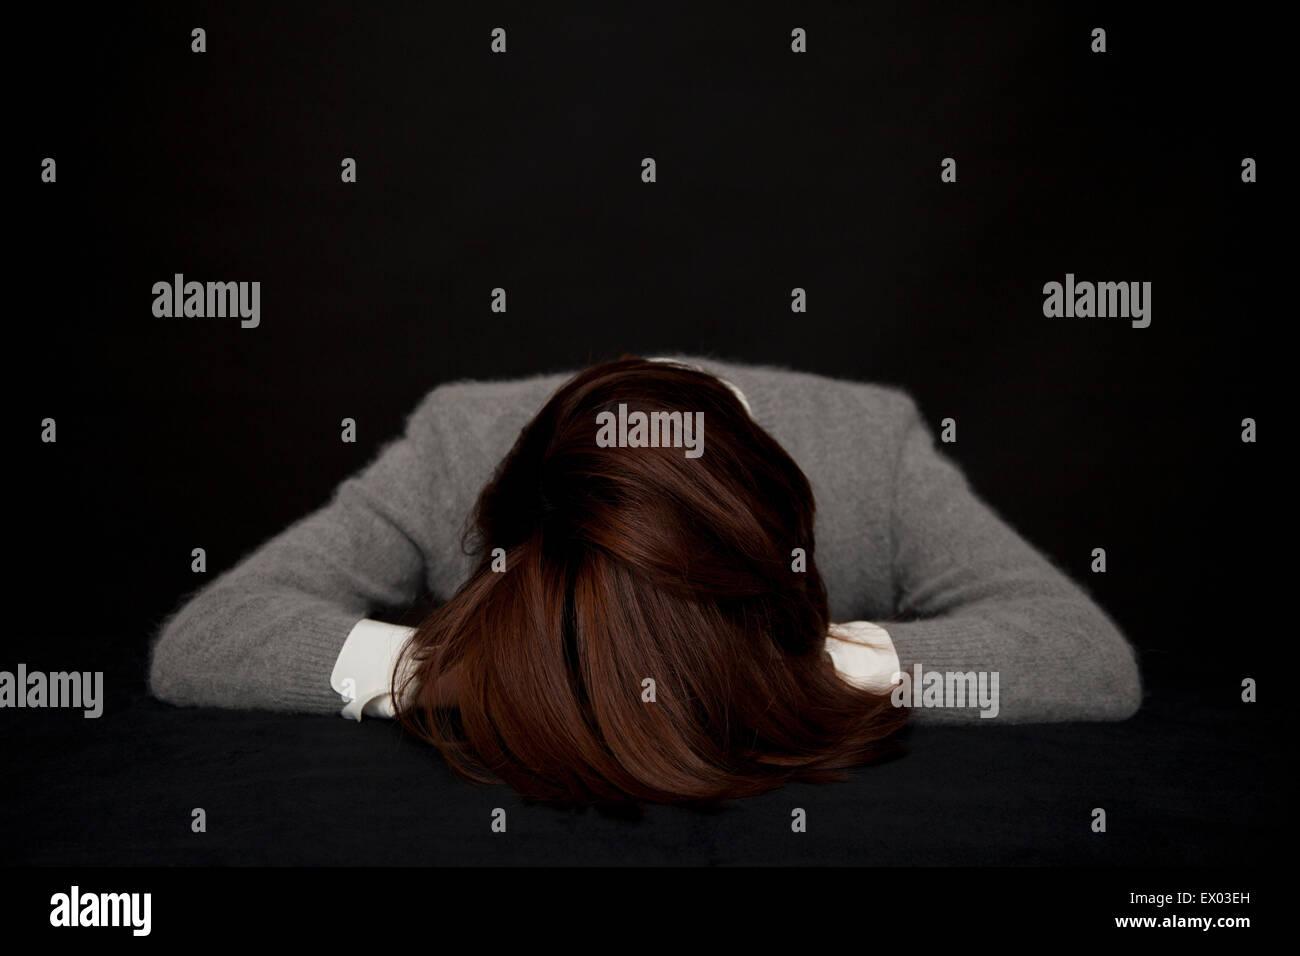 Retrato de mujer cabeza descansando sobre la mesa Imagen De Stock